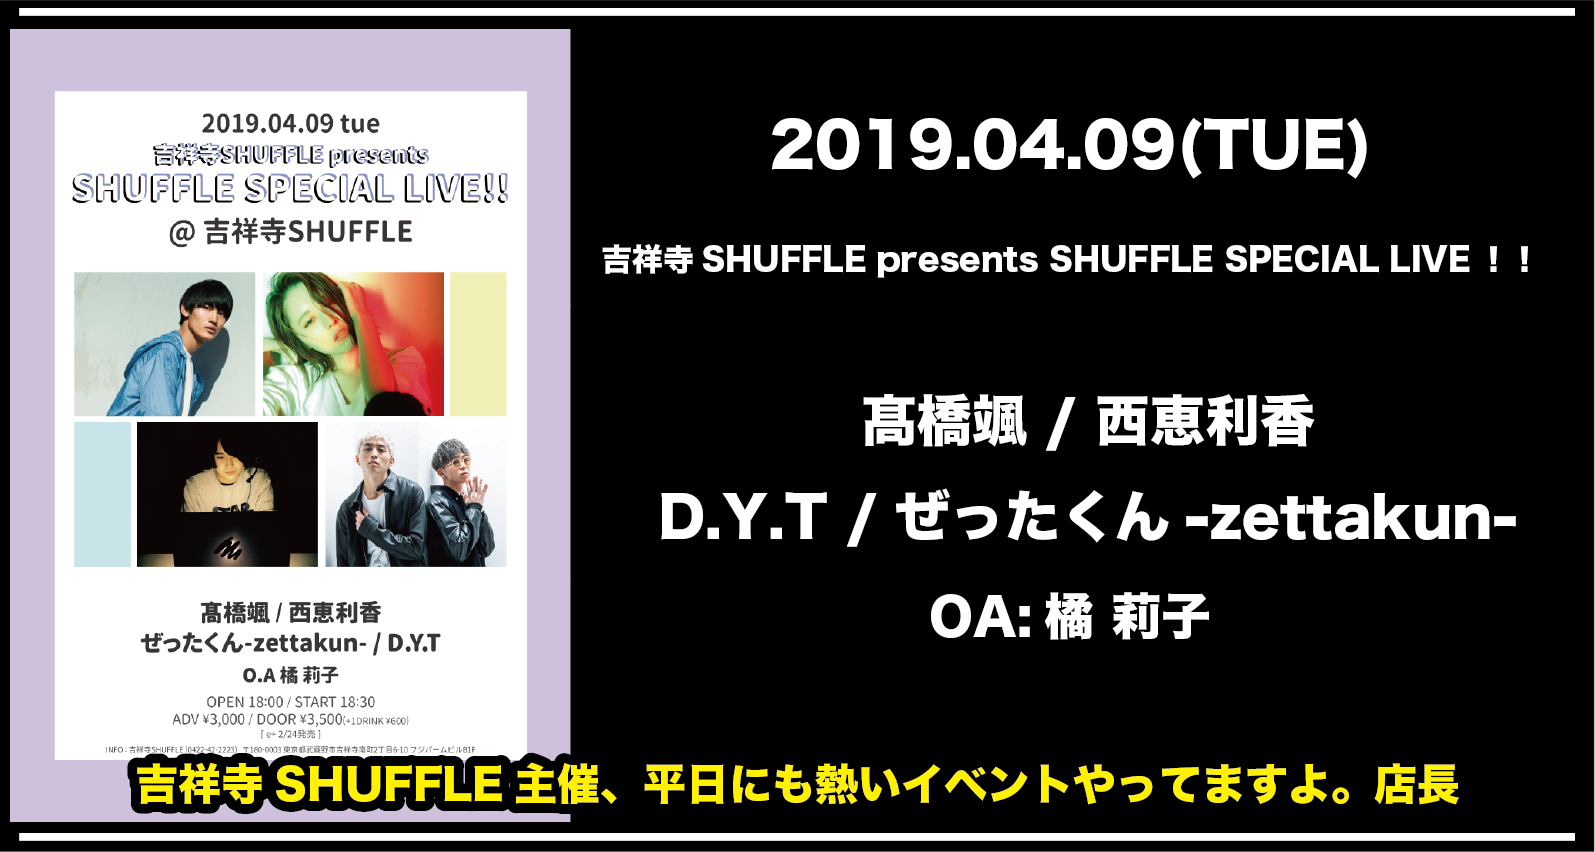 吉祥寺SHUFFLE presents SHUFFLE SPECIAL LIVE!!